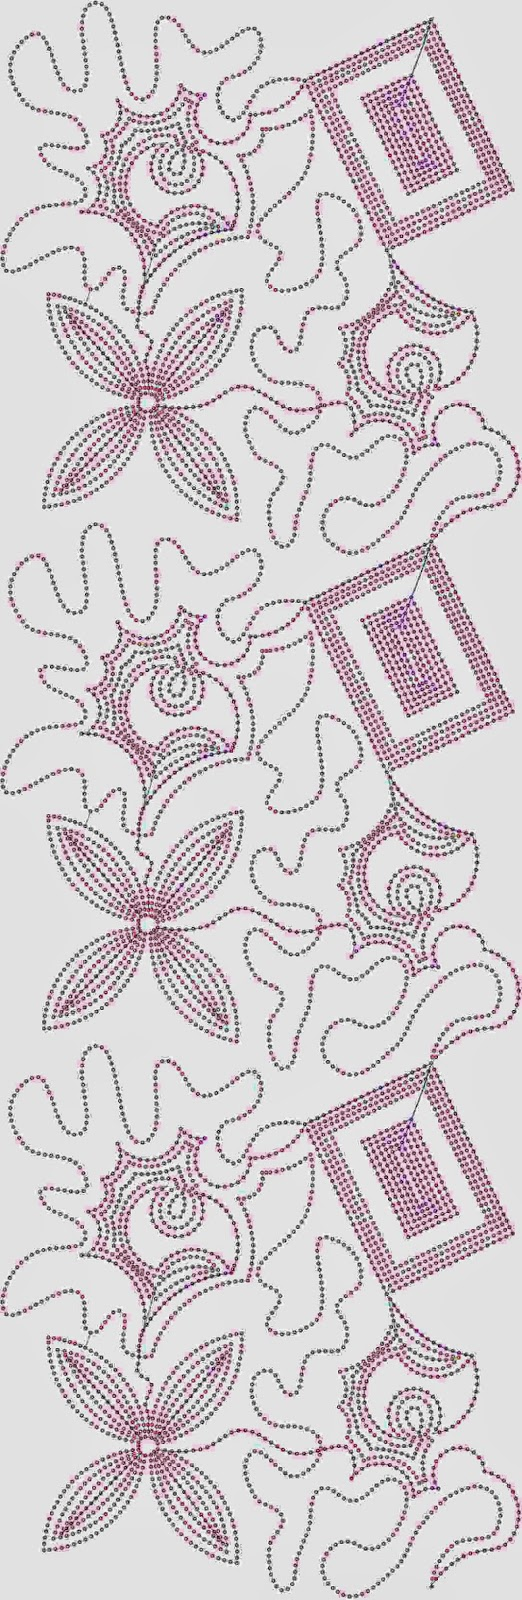 Geometriese vierkante borduurwerk oral patroon